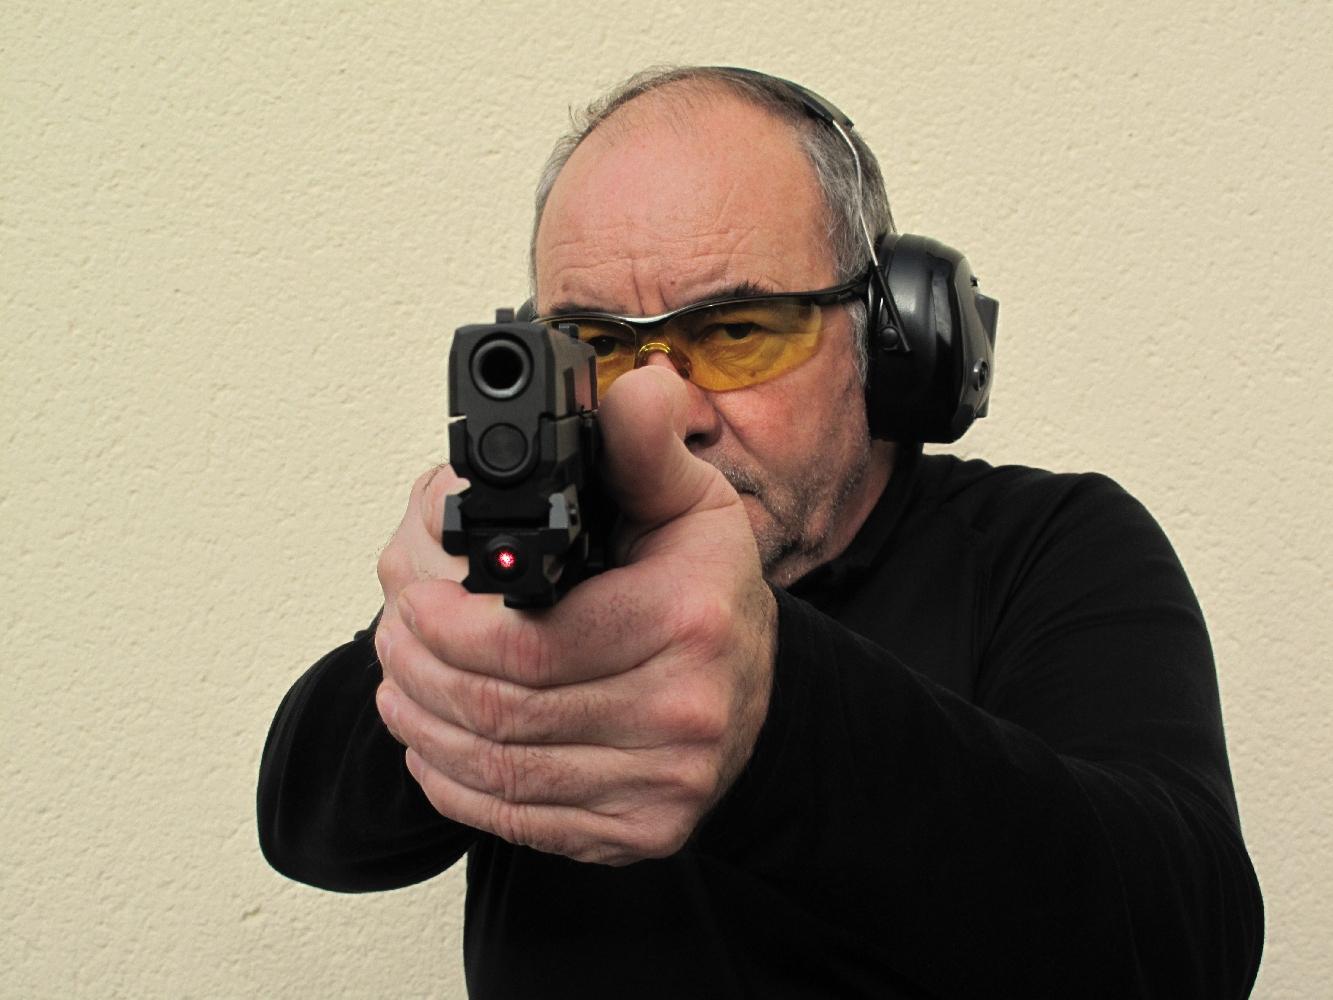 Essai armes pistolets sig sauer p320 full size et for Temoin de chambre vide glock